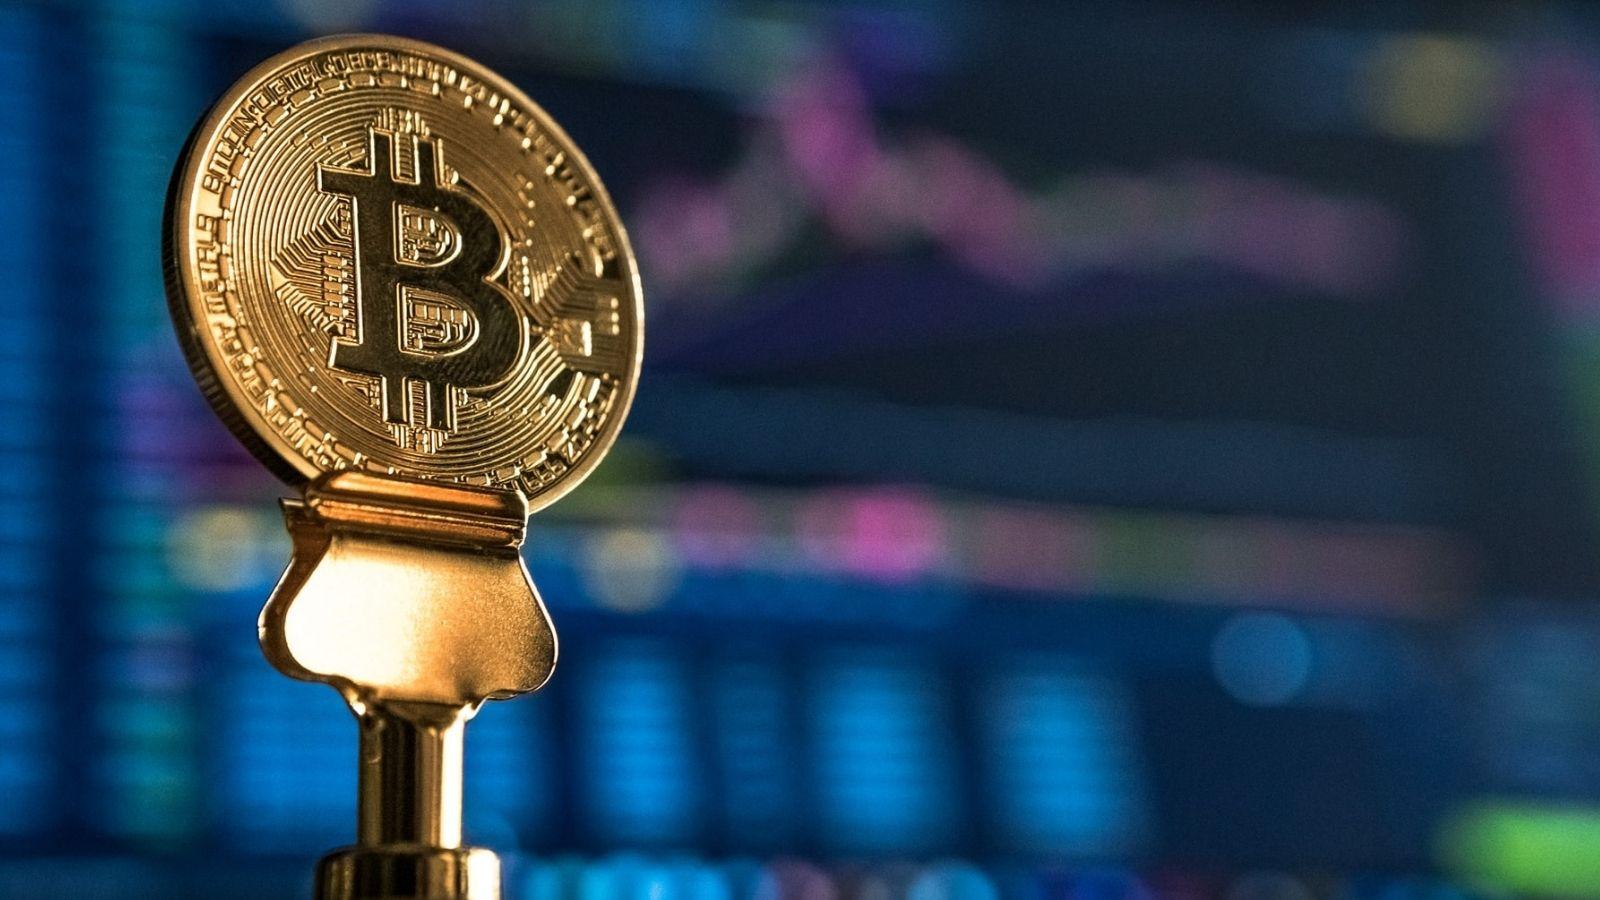 Bitcoin Near Monitor